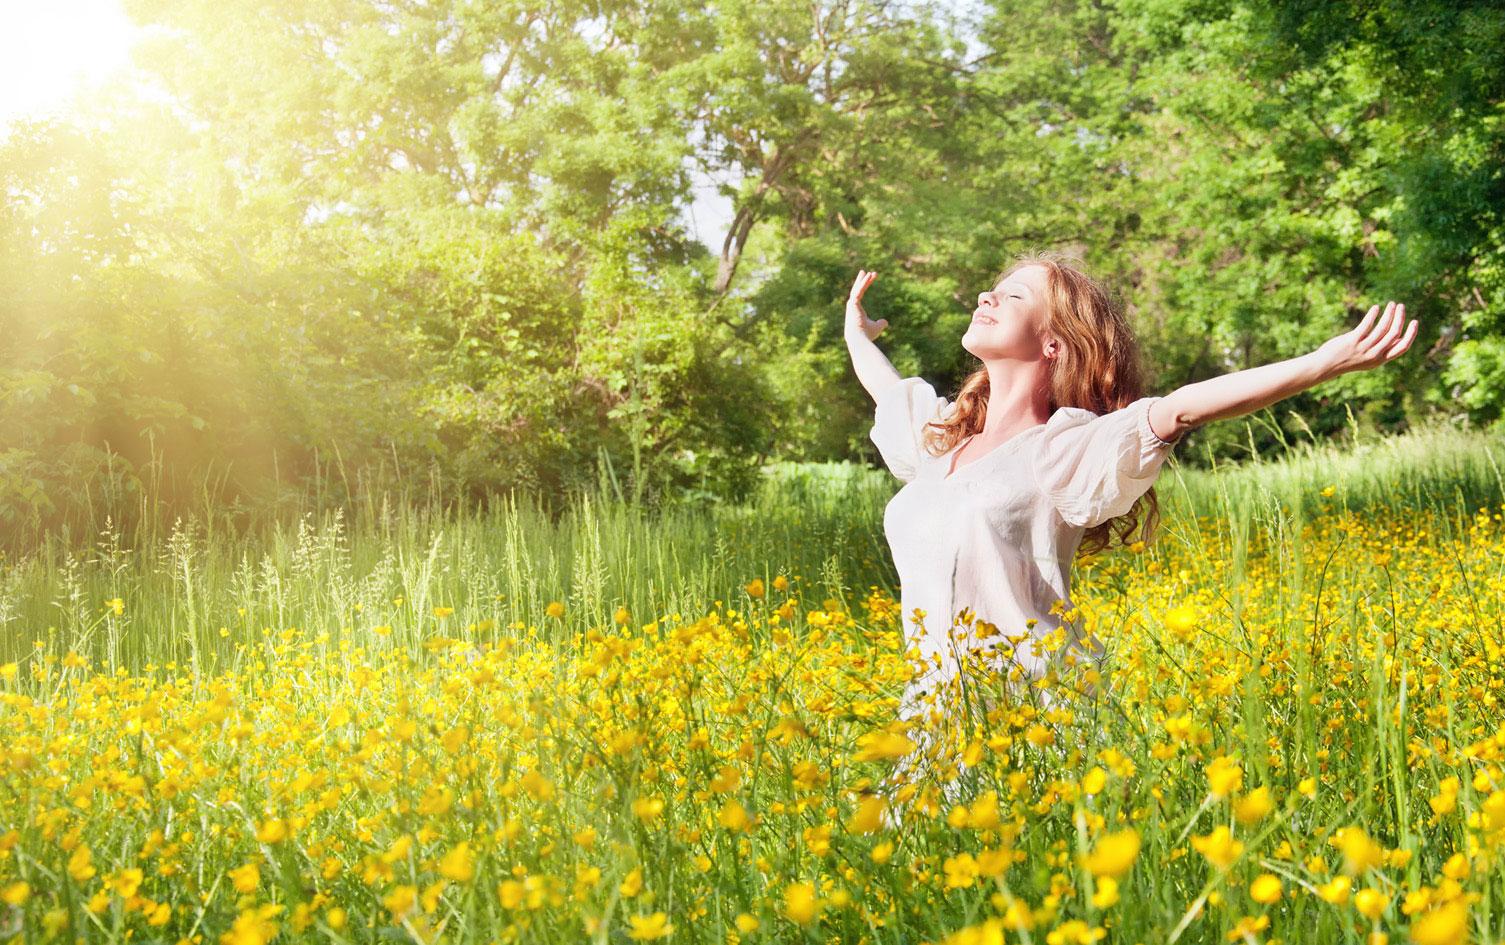 Fruehlingssonne | Vitamin D tanken!